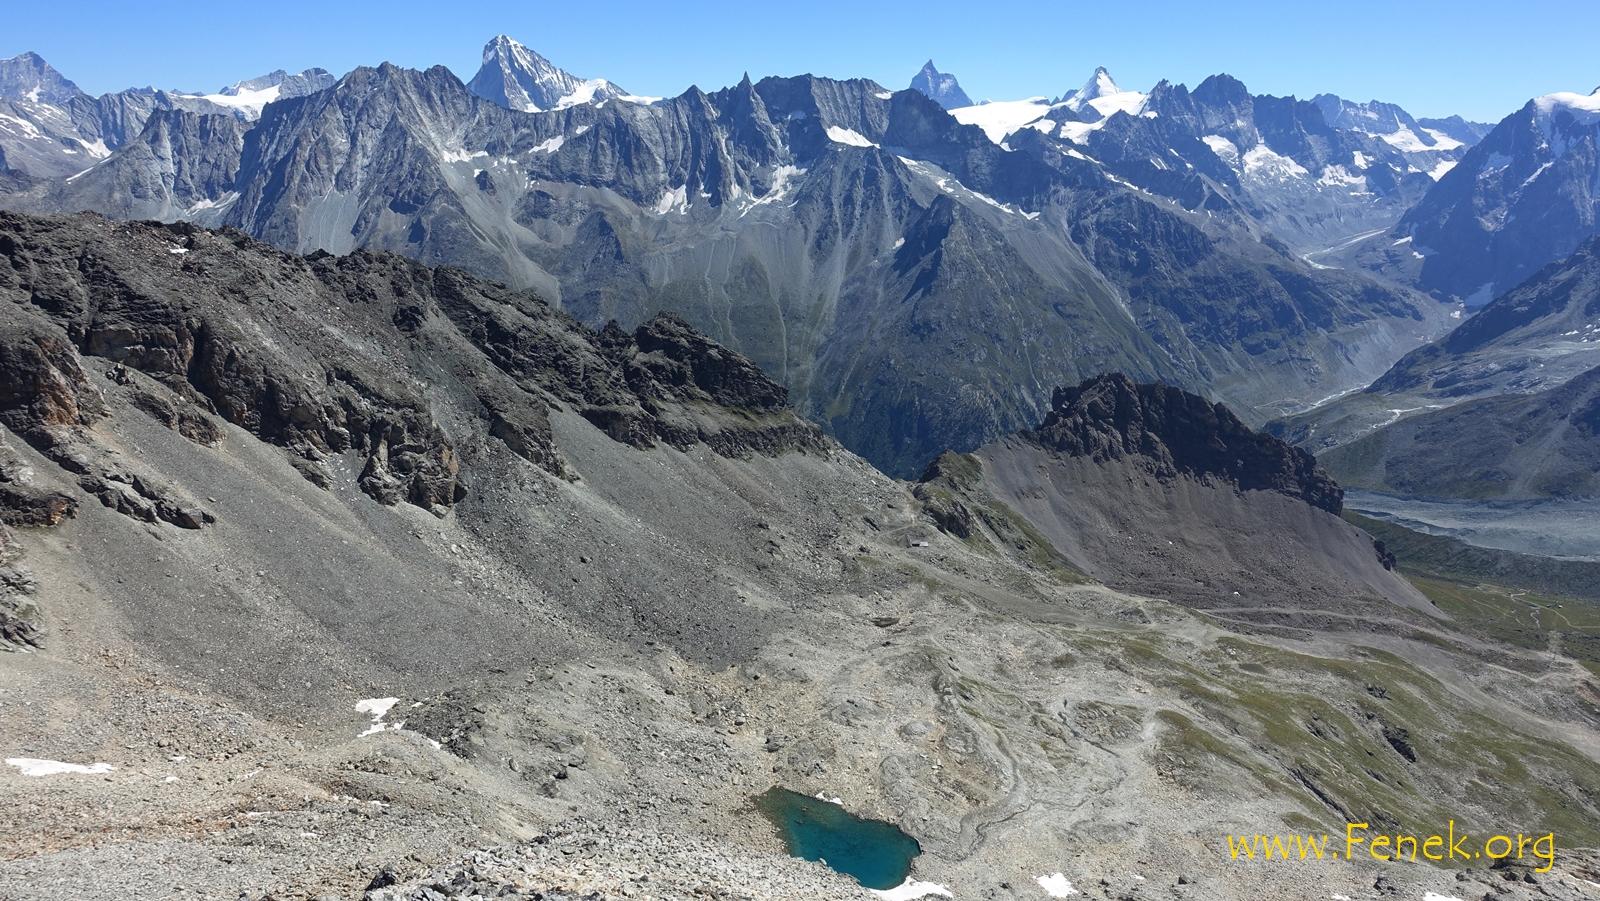 Tiefblick zum See bei 2900m